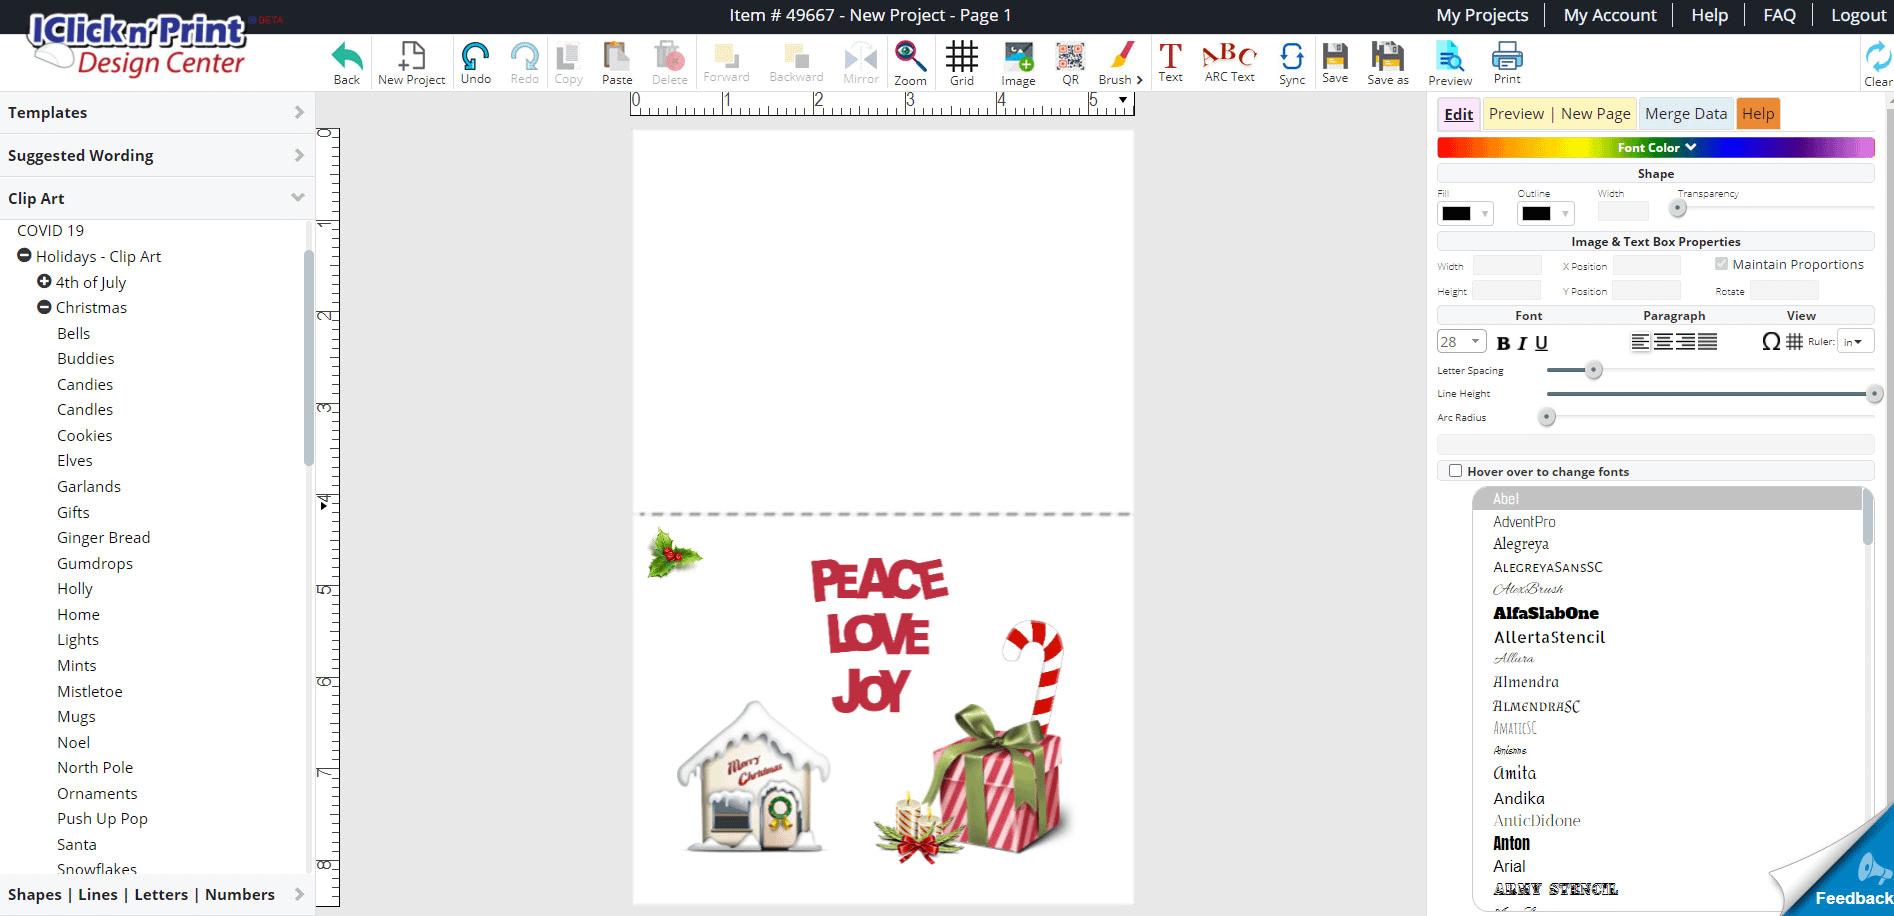 iclicknprint-Christmas-greetings-